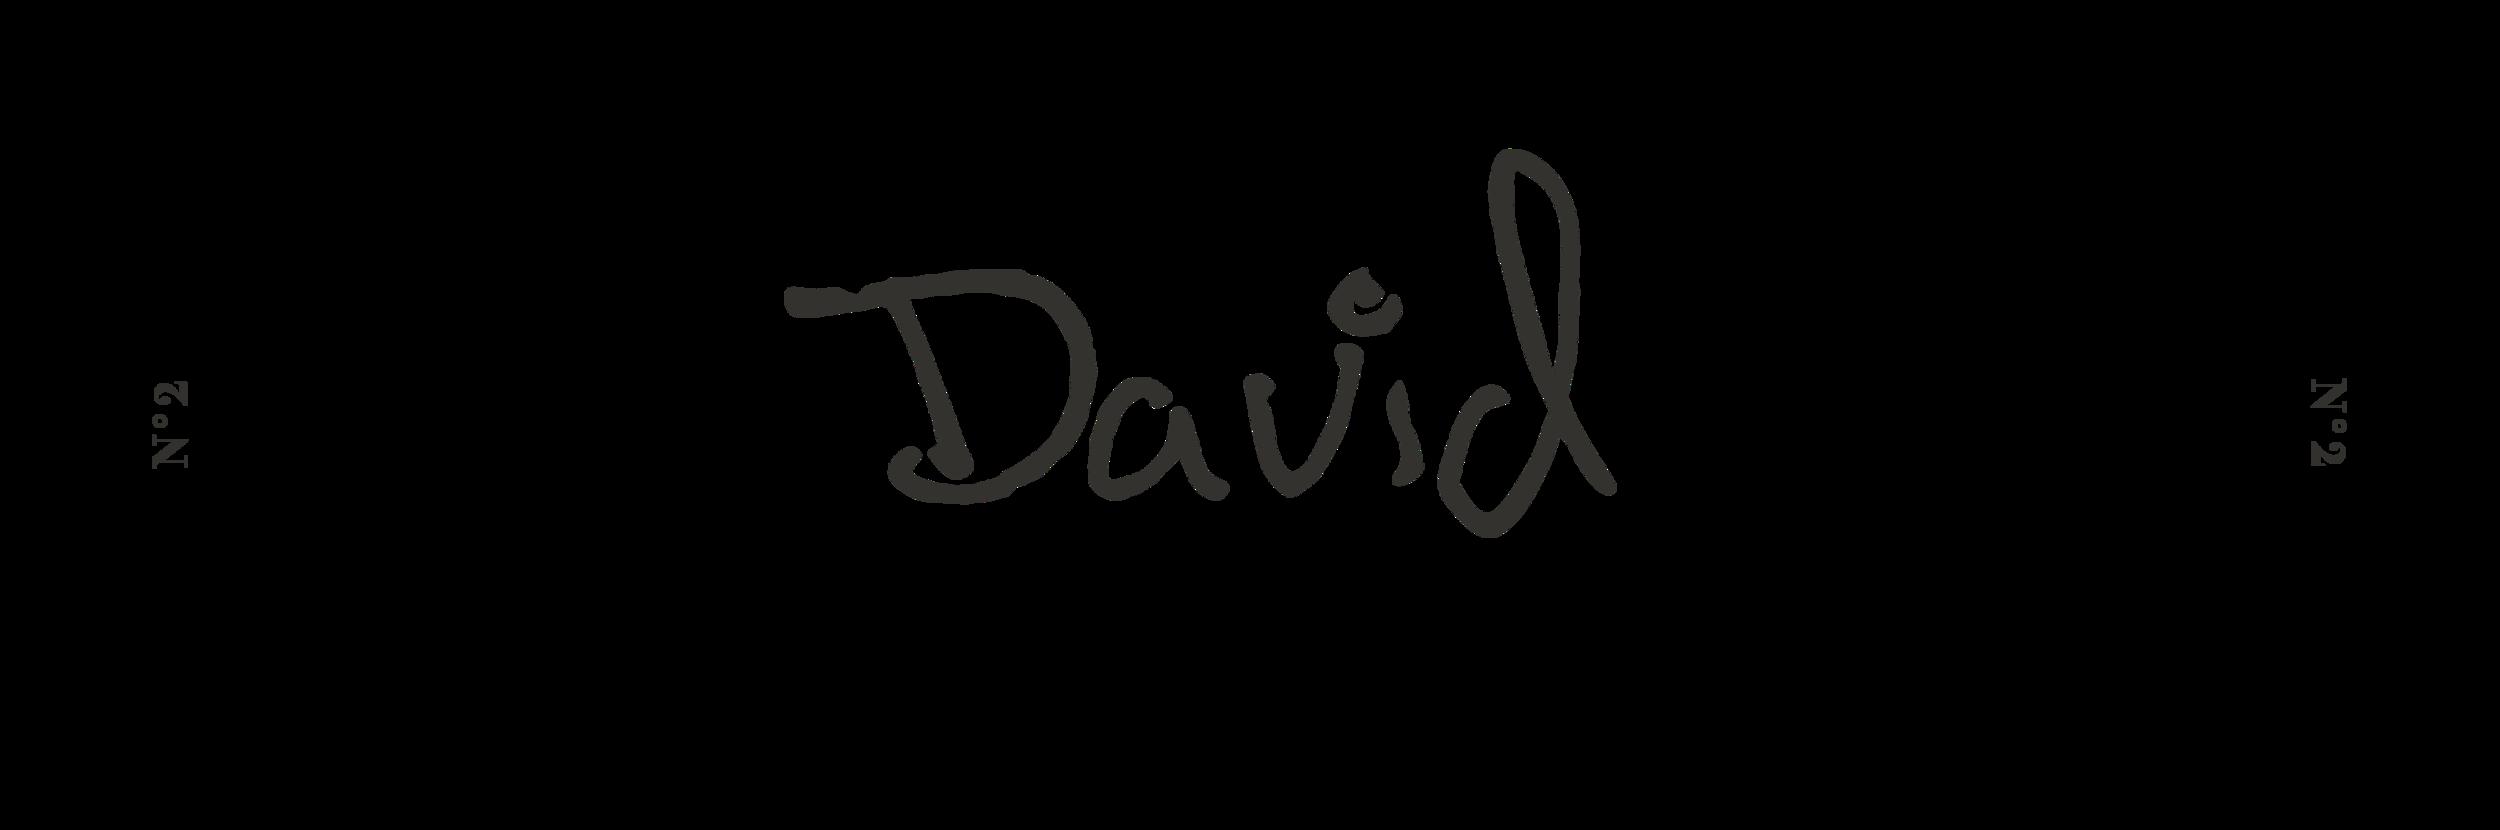 DAVID_TITRES.png